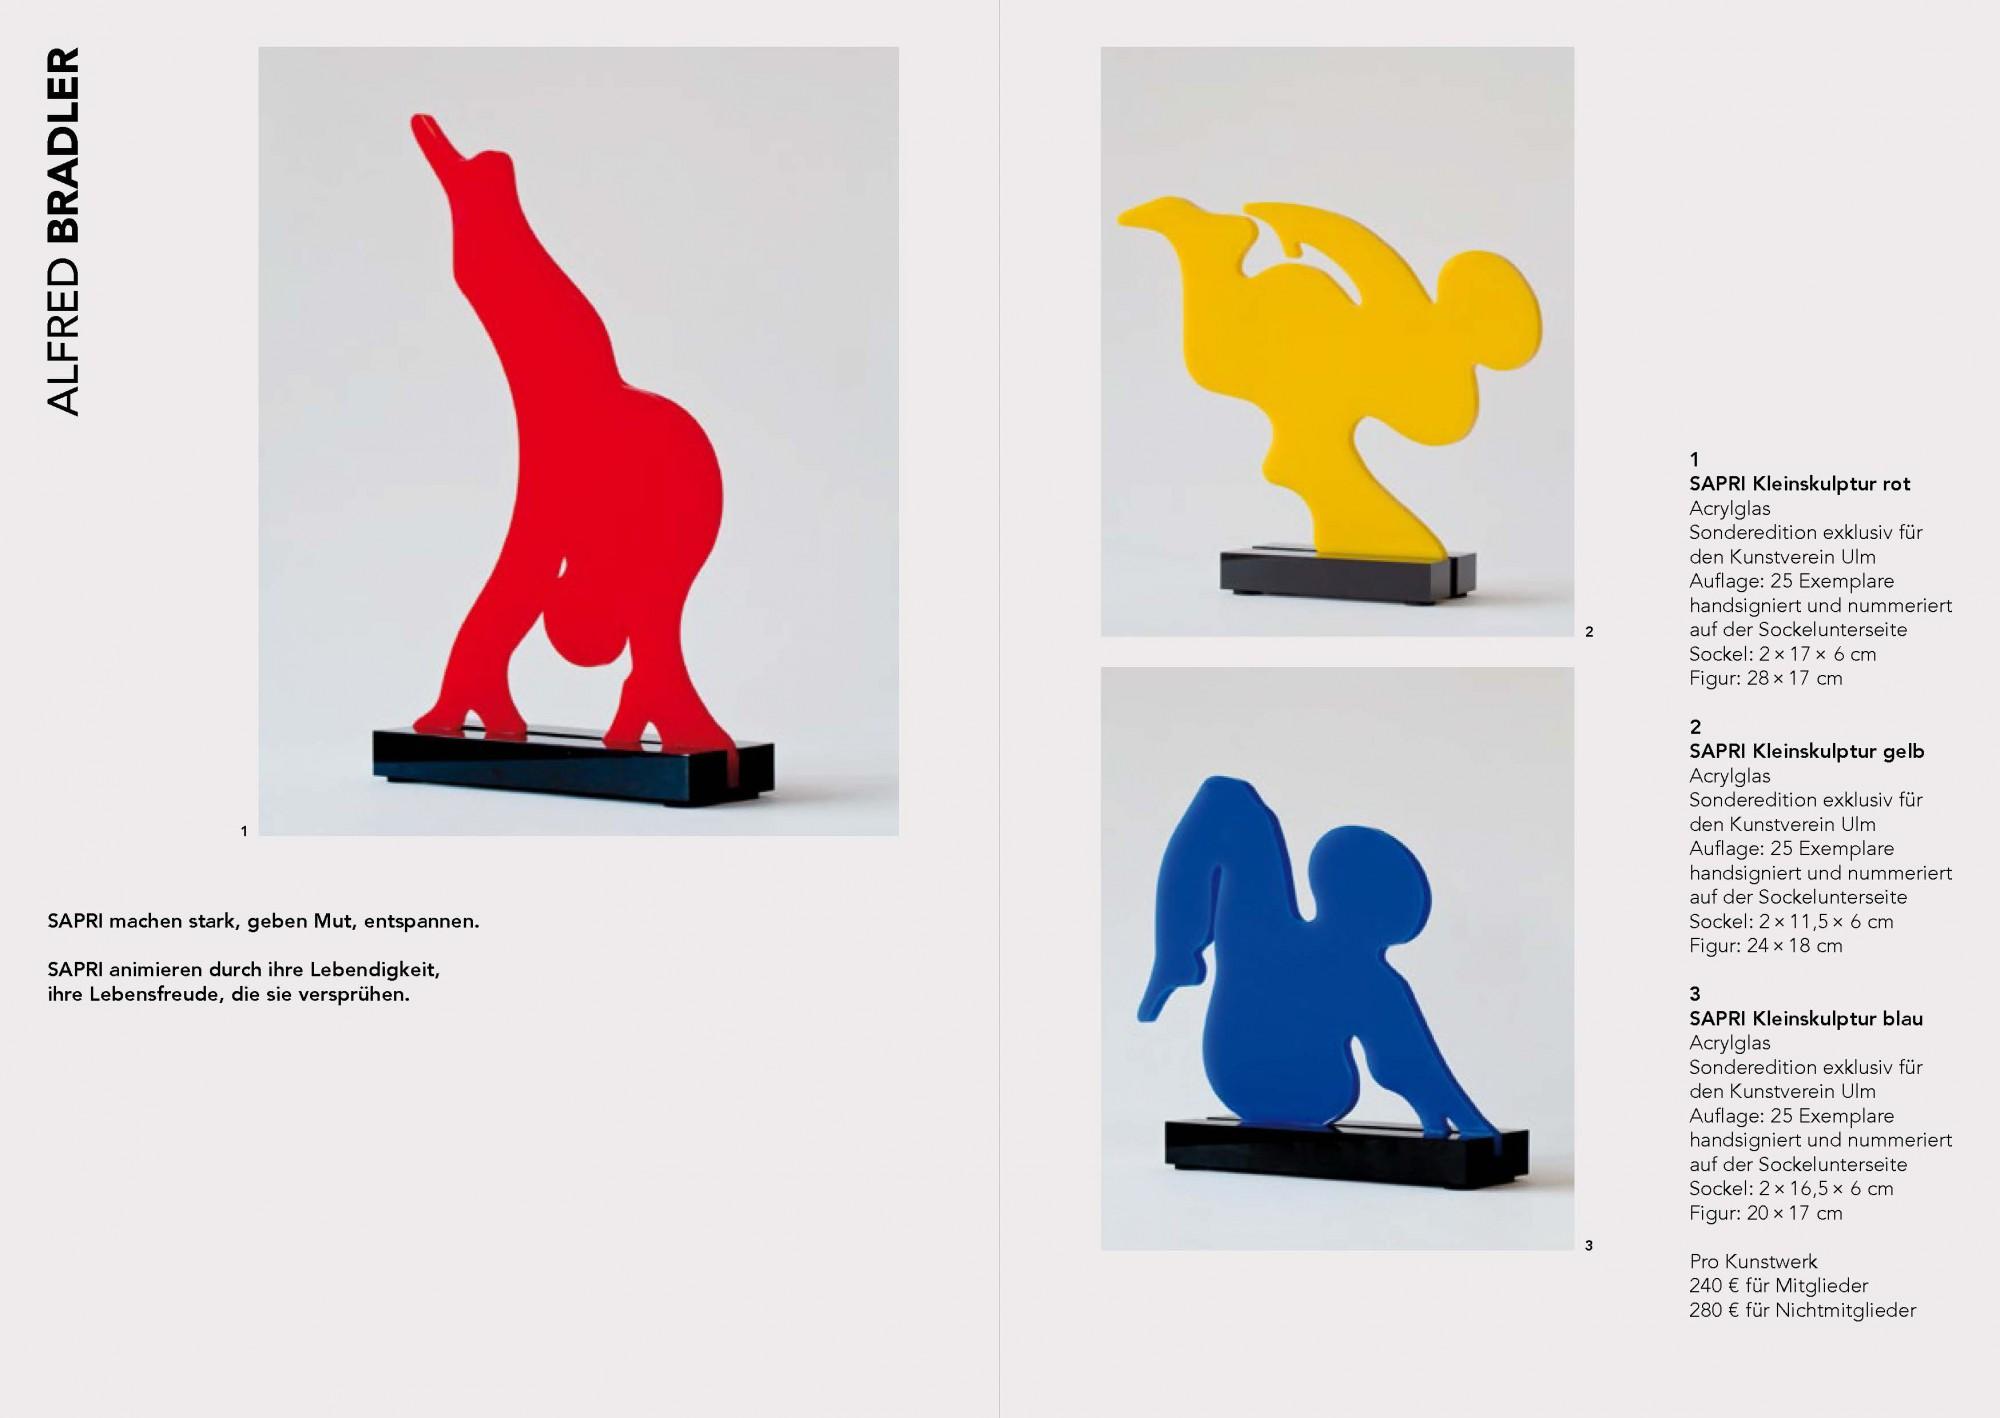 Jahresgabenkatalog 2016/17, Kunstverein Ulm e.V.